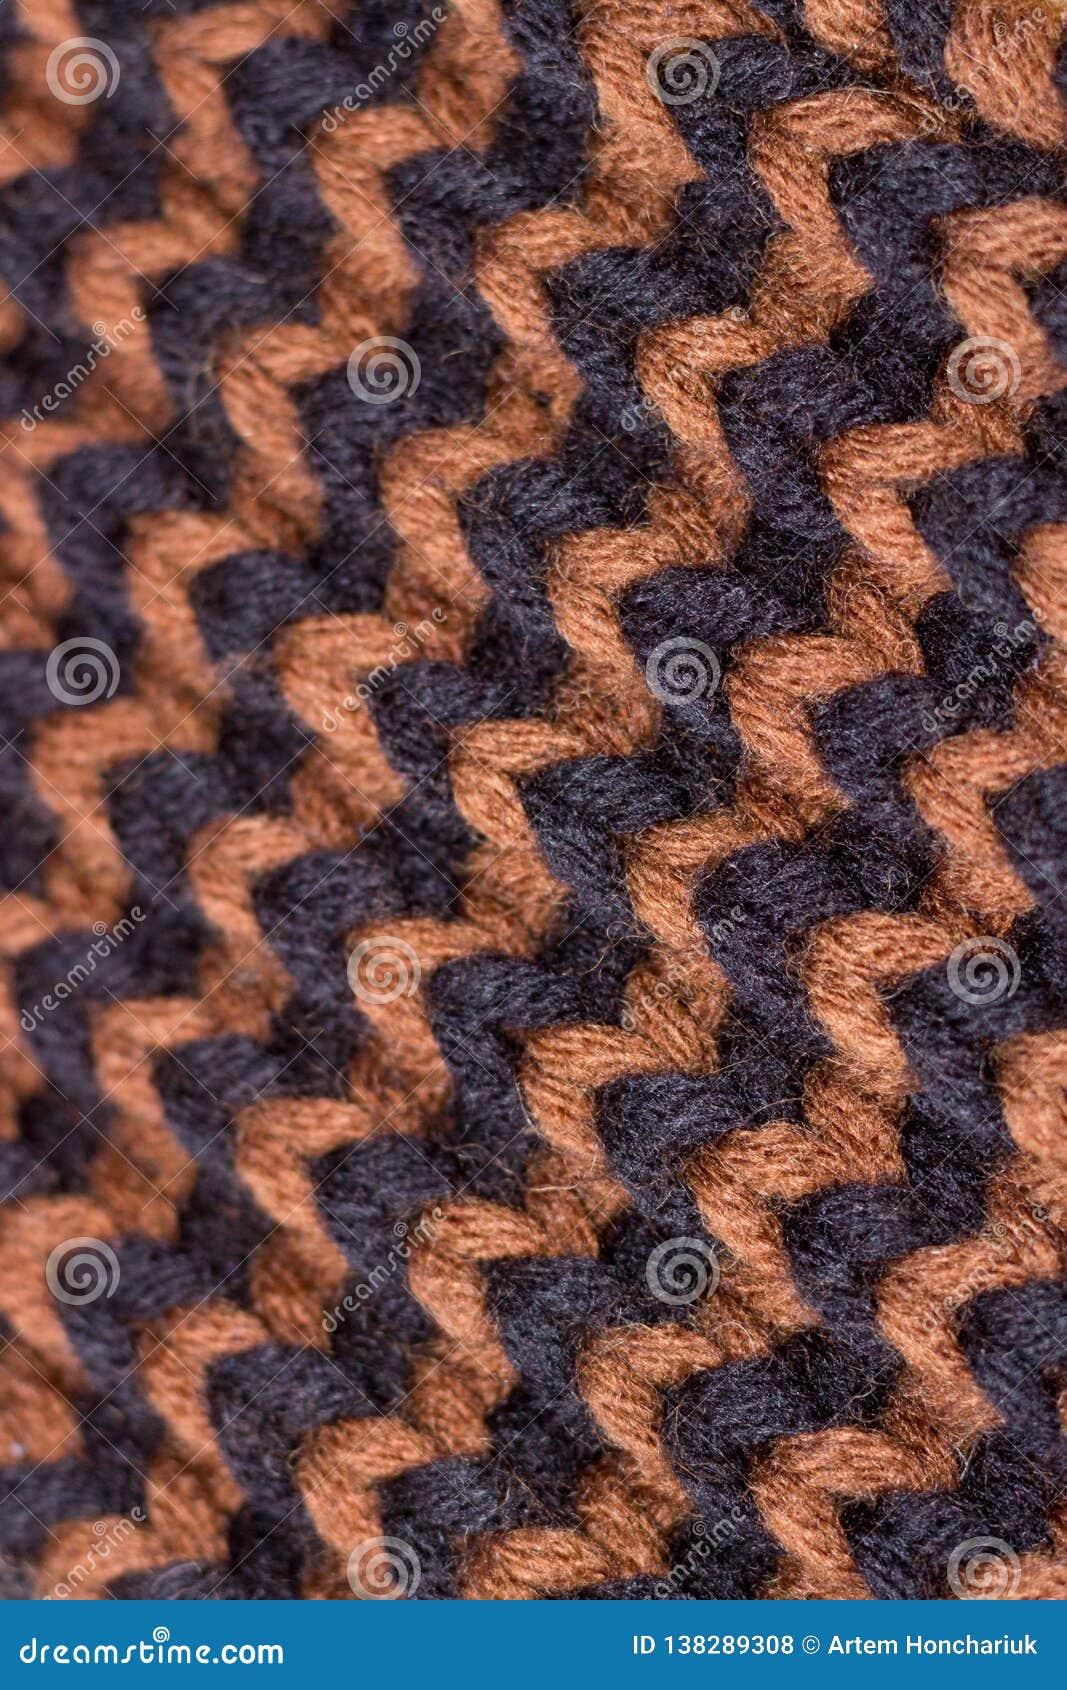 Knitting Achtergrond gebreide textuur Heldere breinaalden Zwart en bruin wollen garen voor het breien